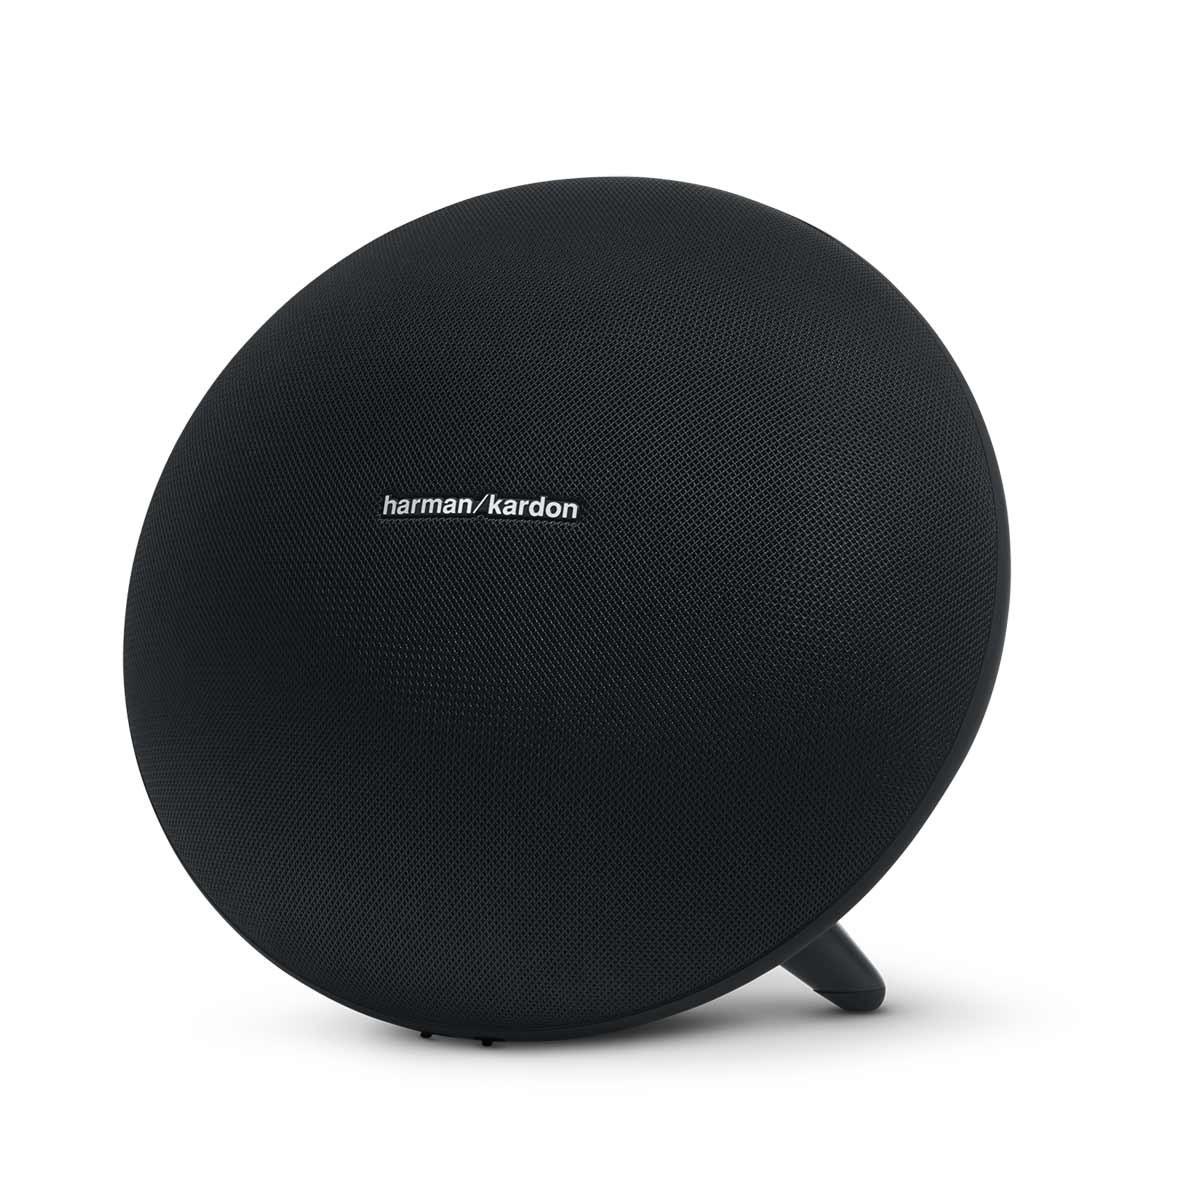 Harman/Kardon Onyx Studio 3 bezdrátový bluetooth reproduktor - černý